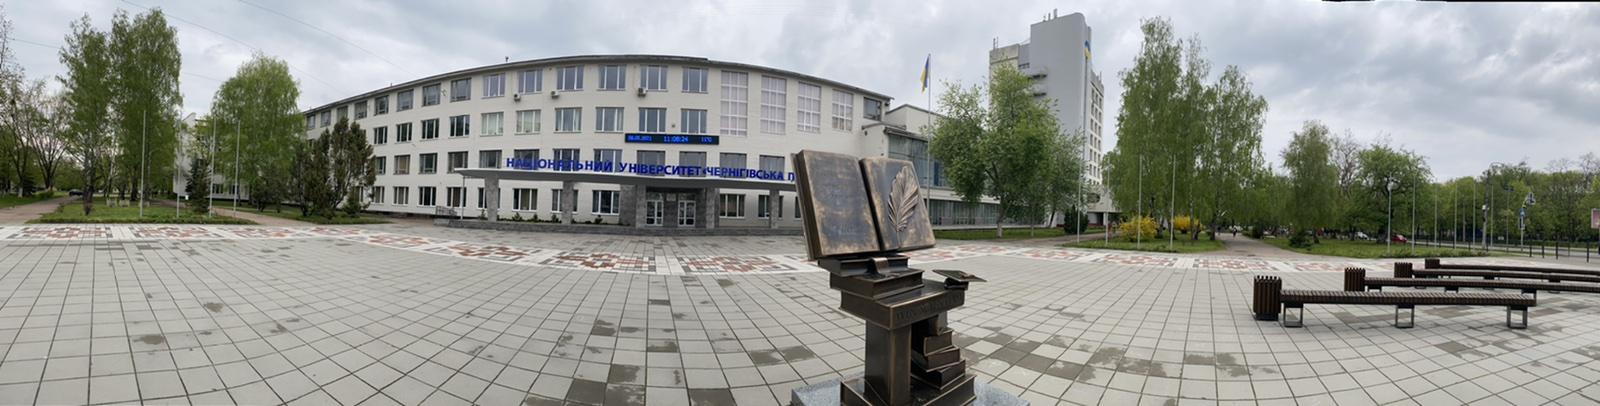 НУ «Чернігівська політехніка»